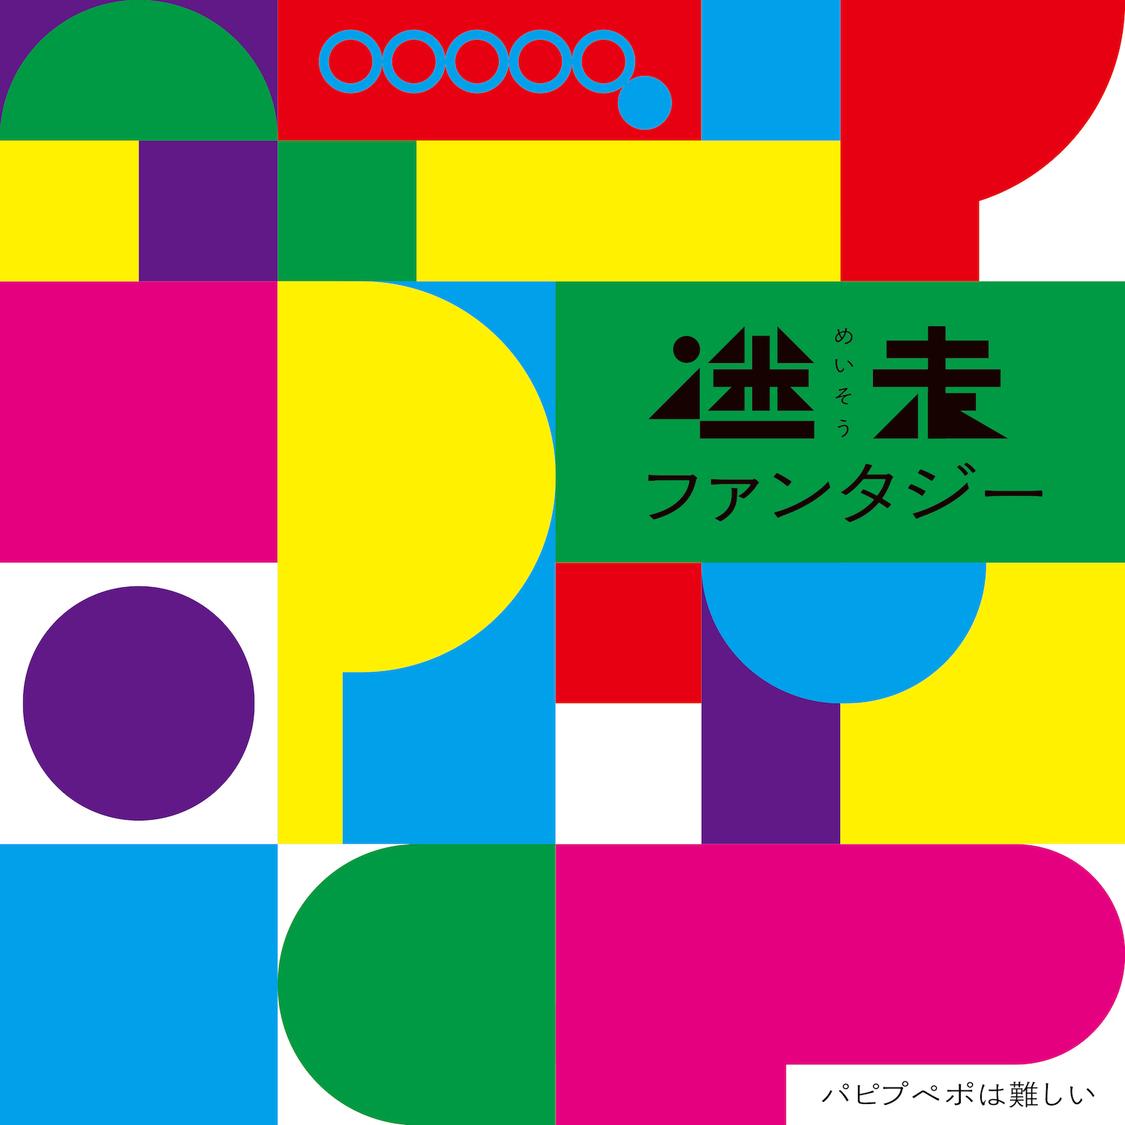 パピプペポは難しい、5th AL『迷走ファンタジー』リリース決定+「神様のきまぐれ」MV公開!